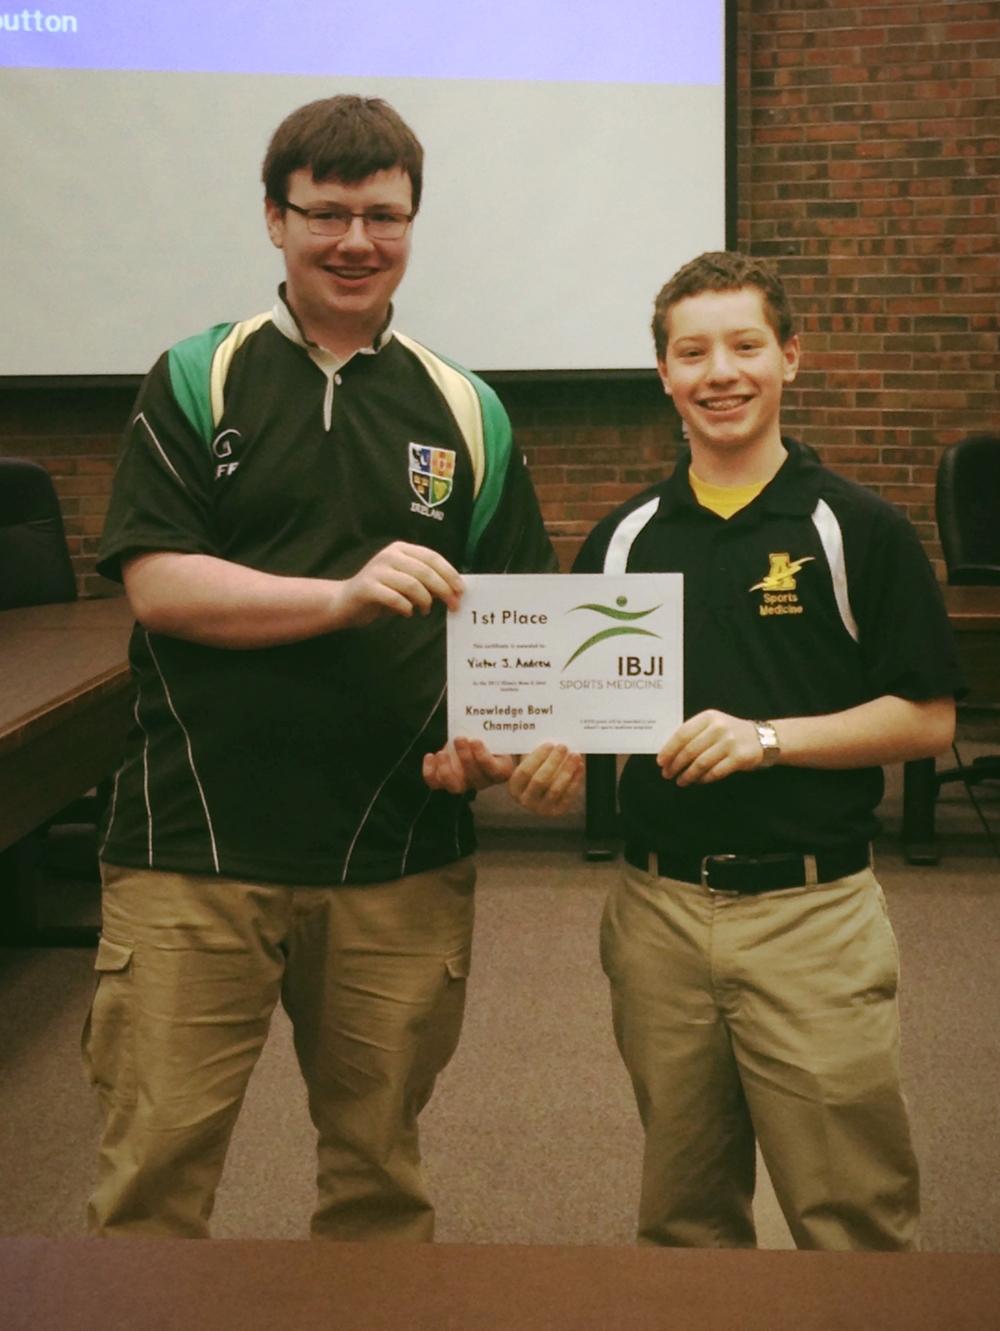 1st Place,Viktor J. Andrew High School